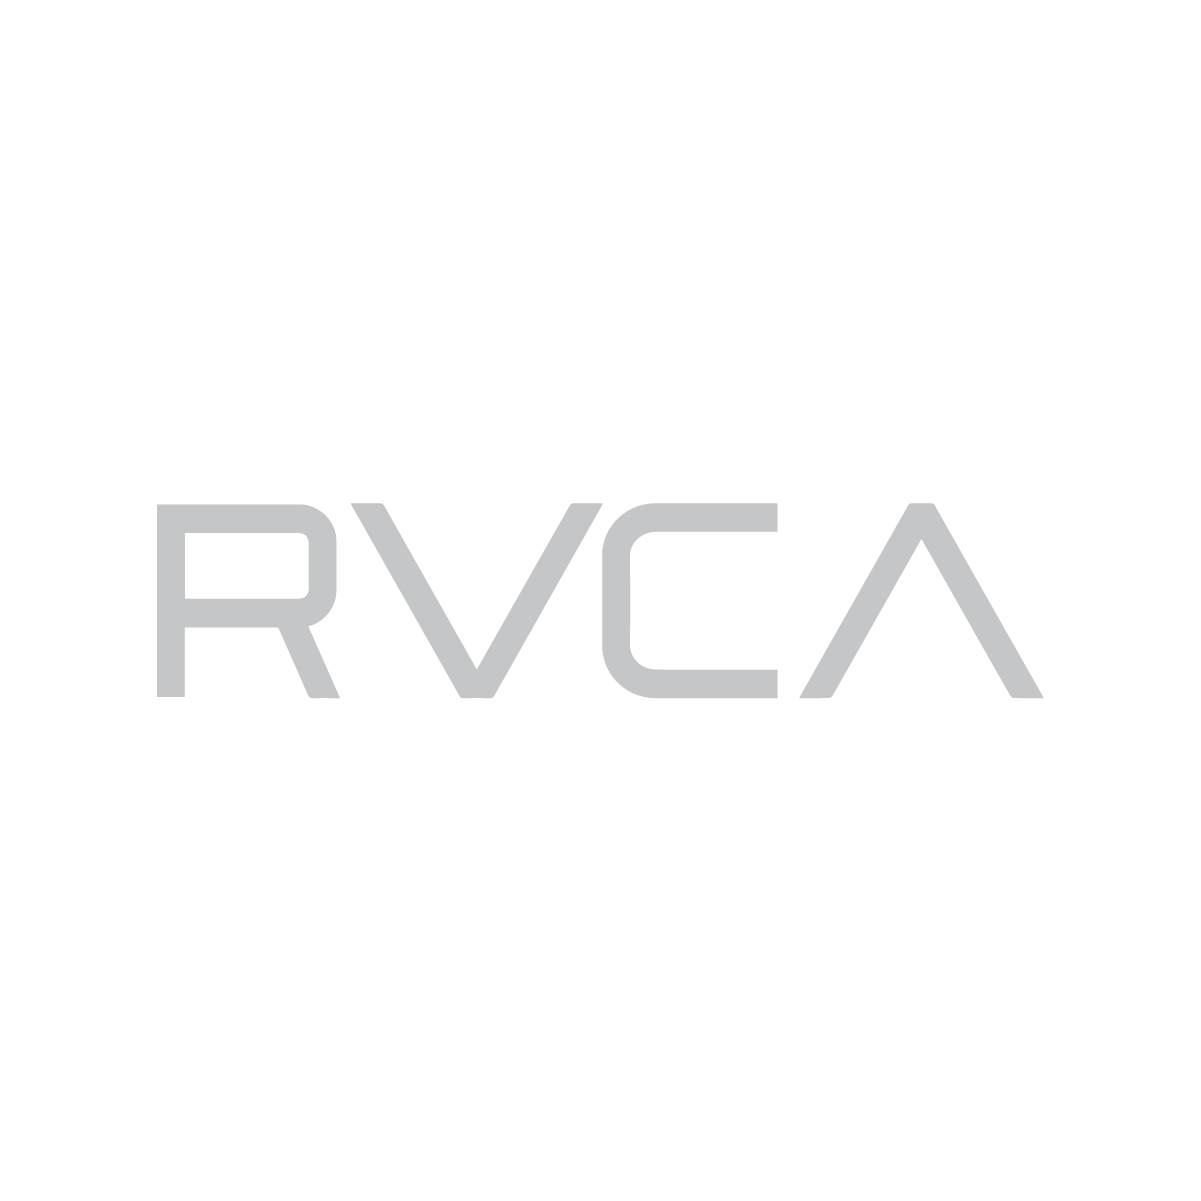 RVCA.png